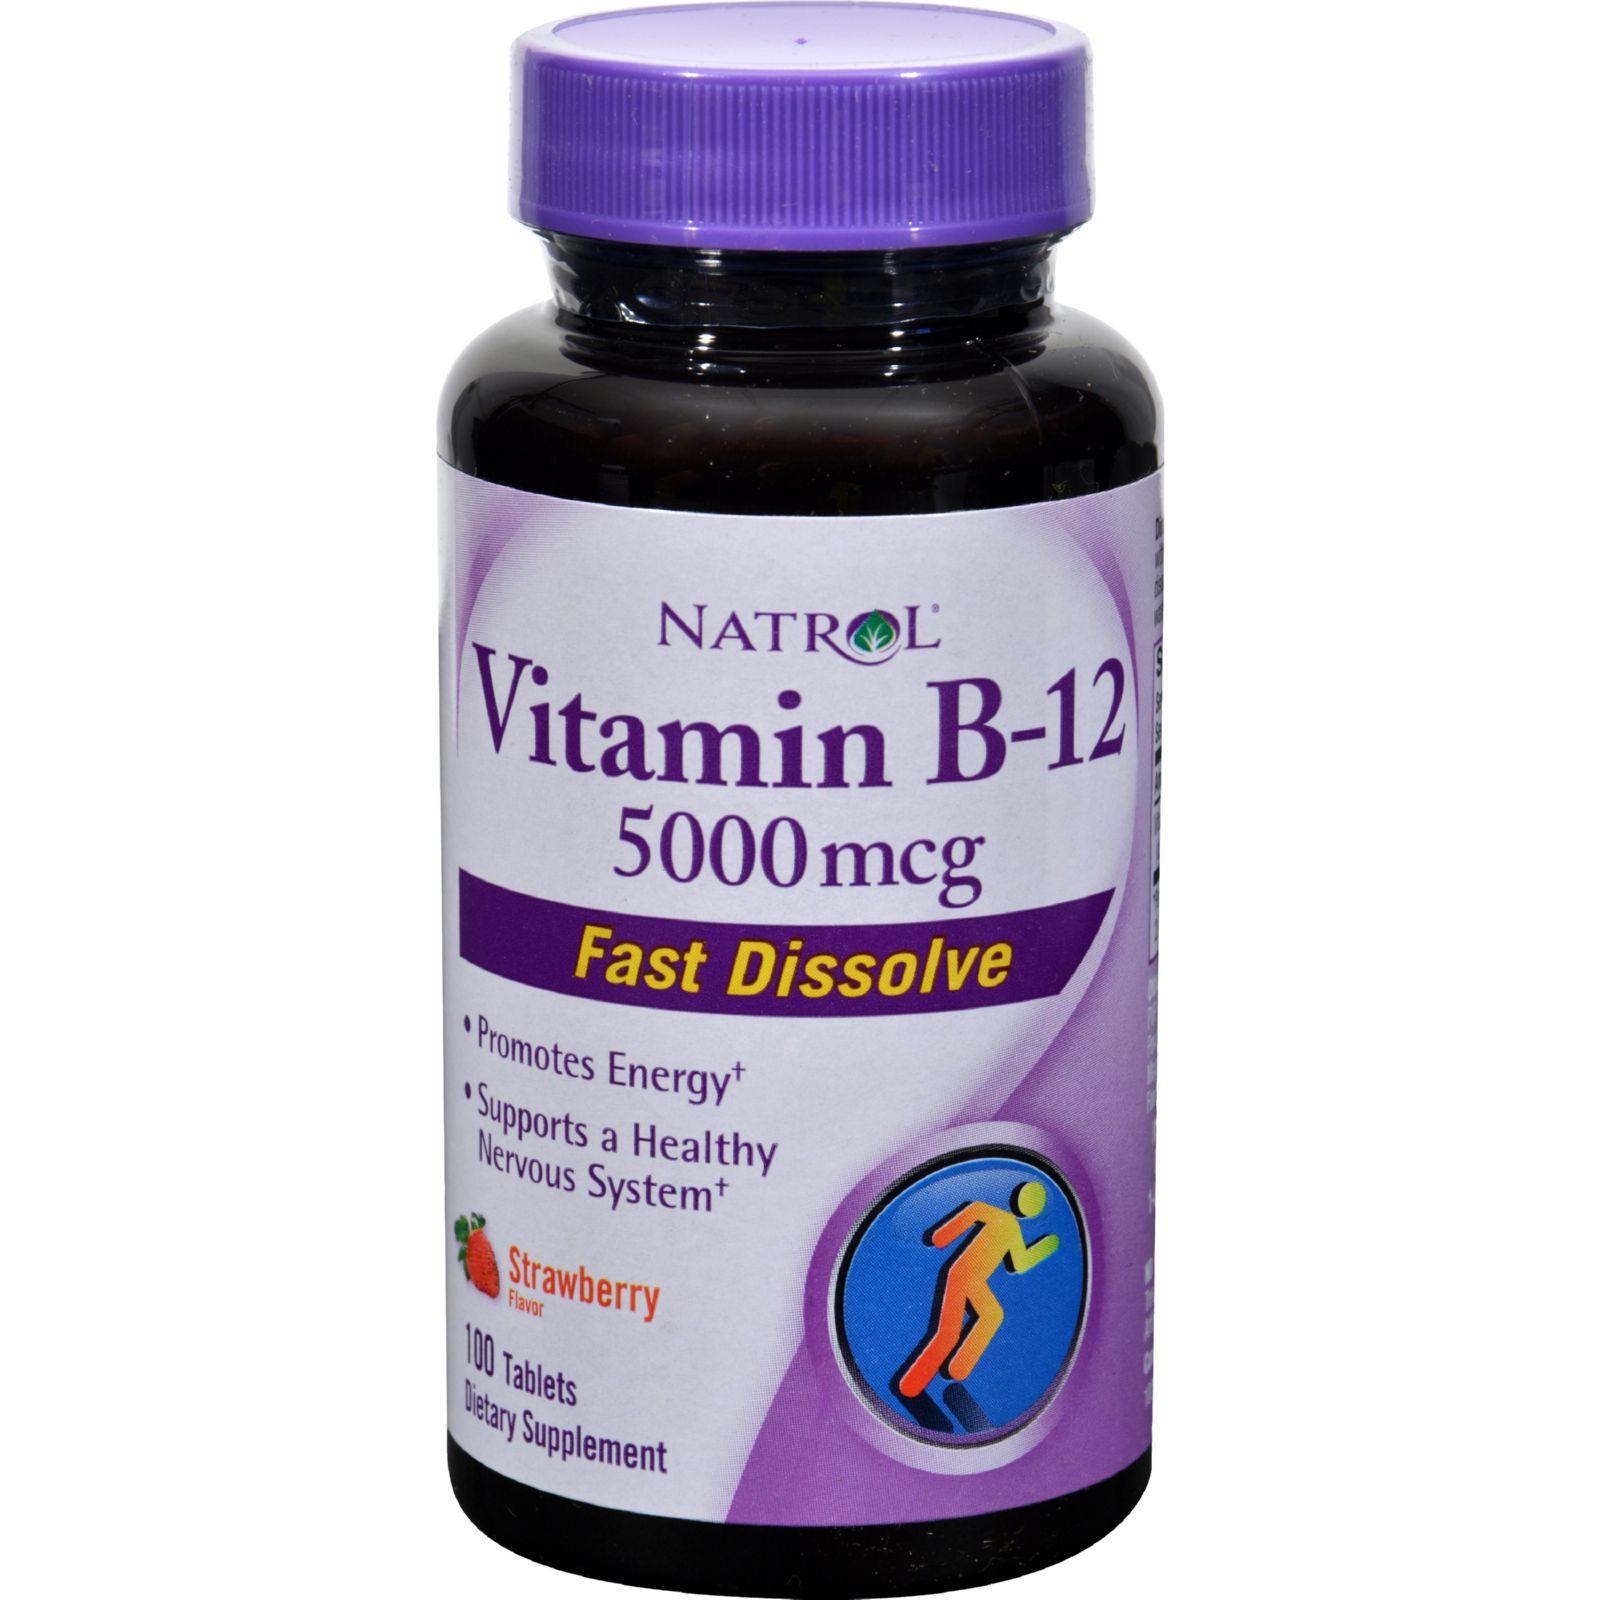 بالصور فيتامين ب 12 , الاغذية التي تحتوي على فيتامين ب 12 3967 2